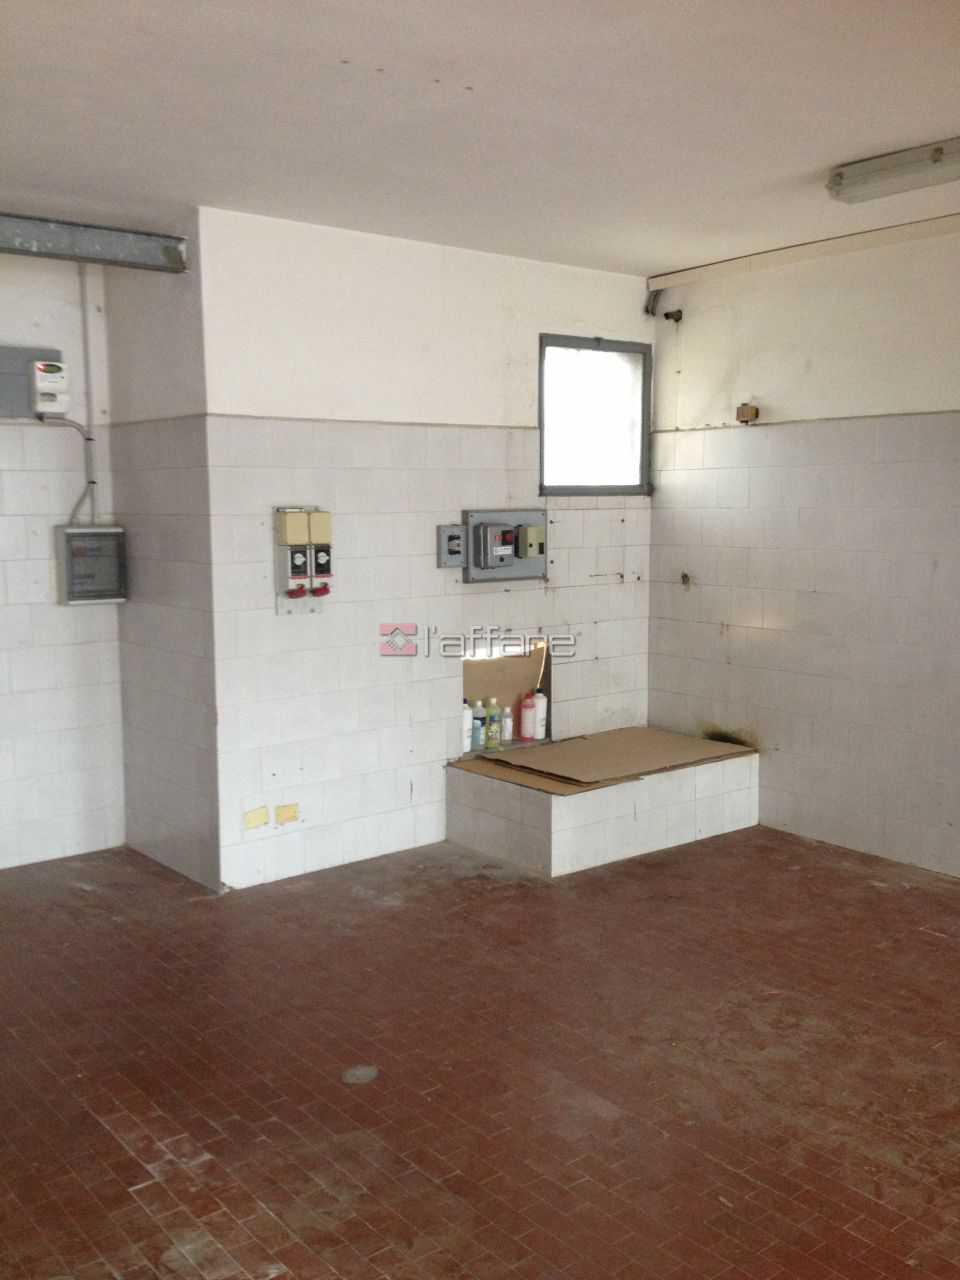 Locale comm.le/Fondo in affitto commerciale a Calcinaia (PI)